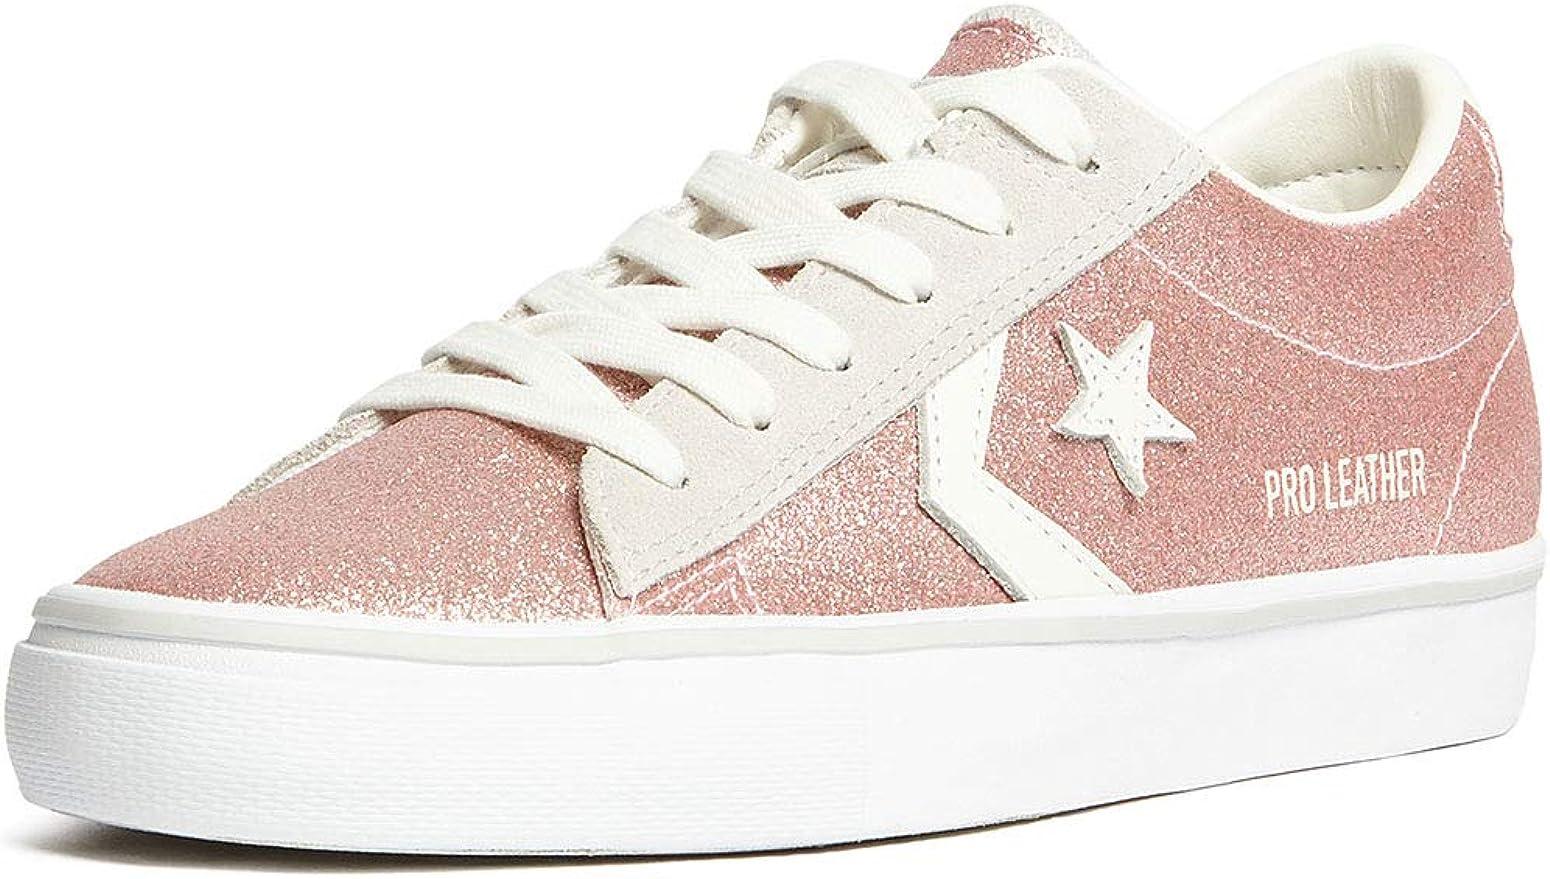 Converse 560968C Pink Rosa Scarpe Sneakers Donna Lacci Pelle Glitter